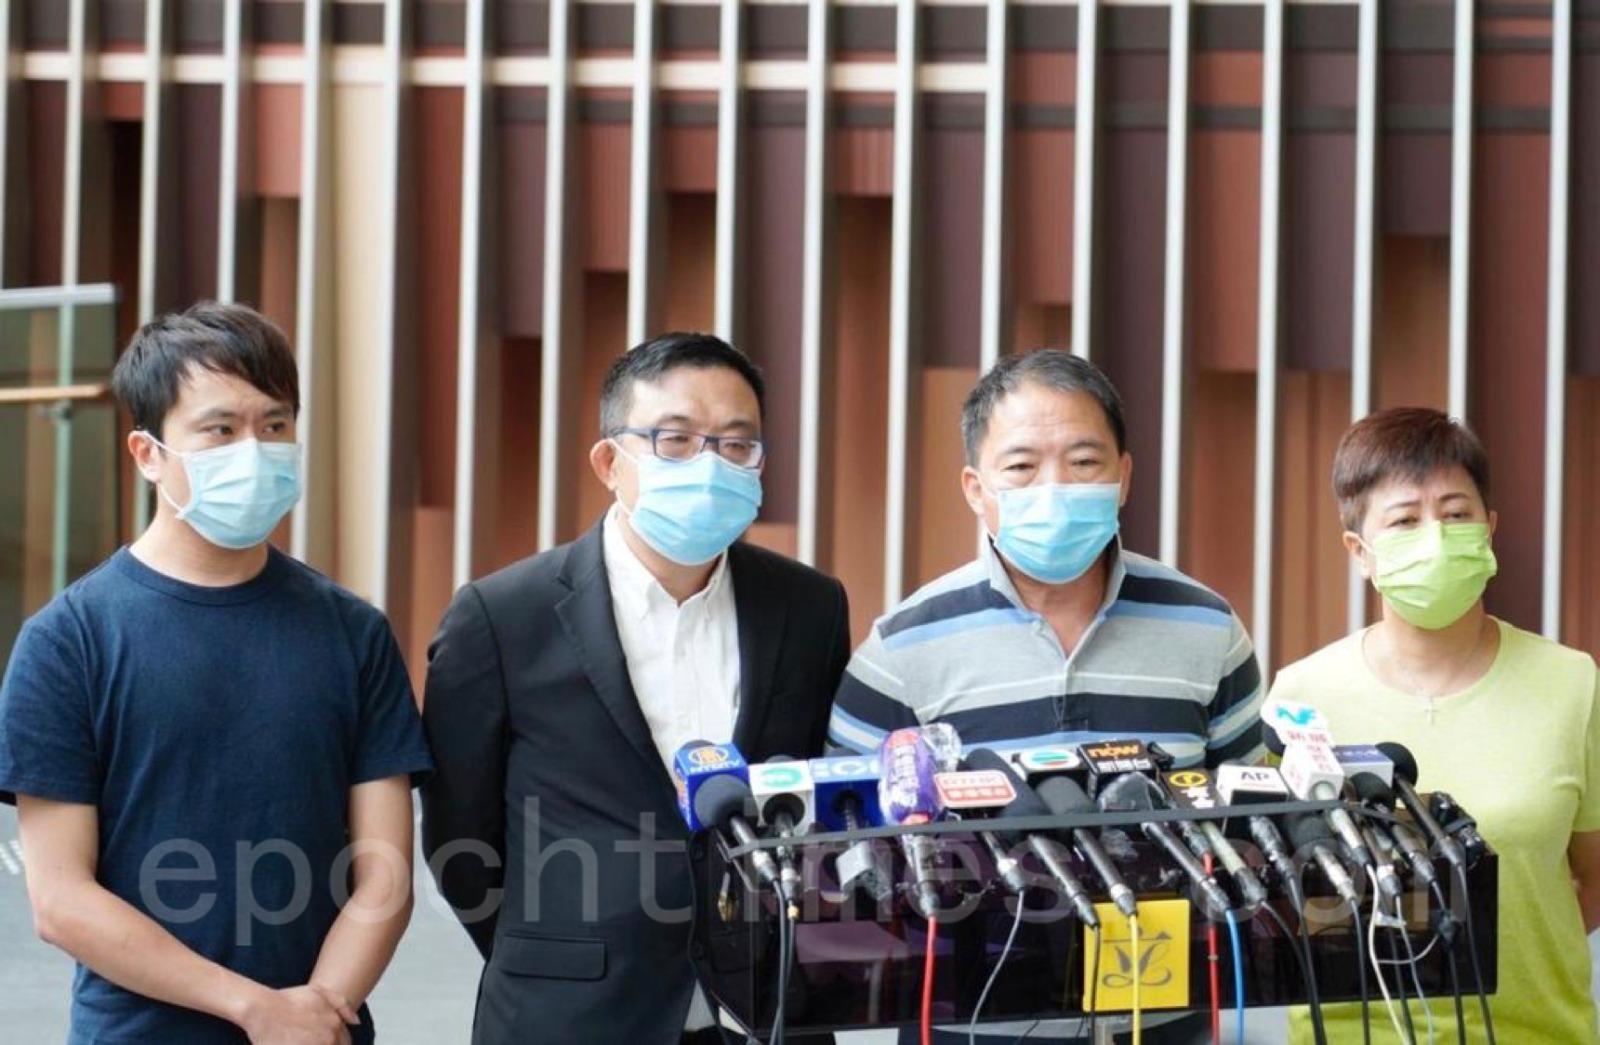 民主黨回應林卓廷、許志峯被拘捕事件。(風祐/大紀元)